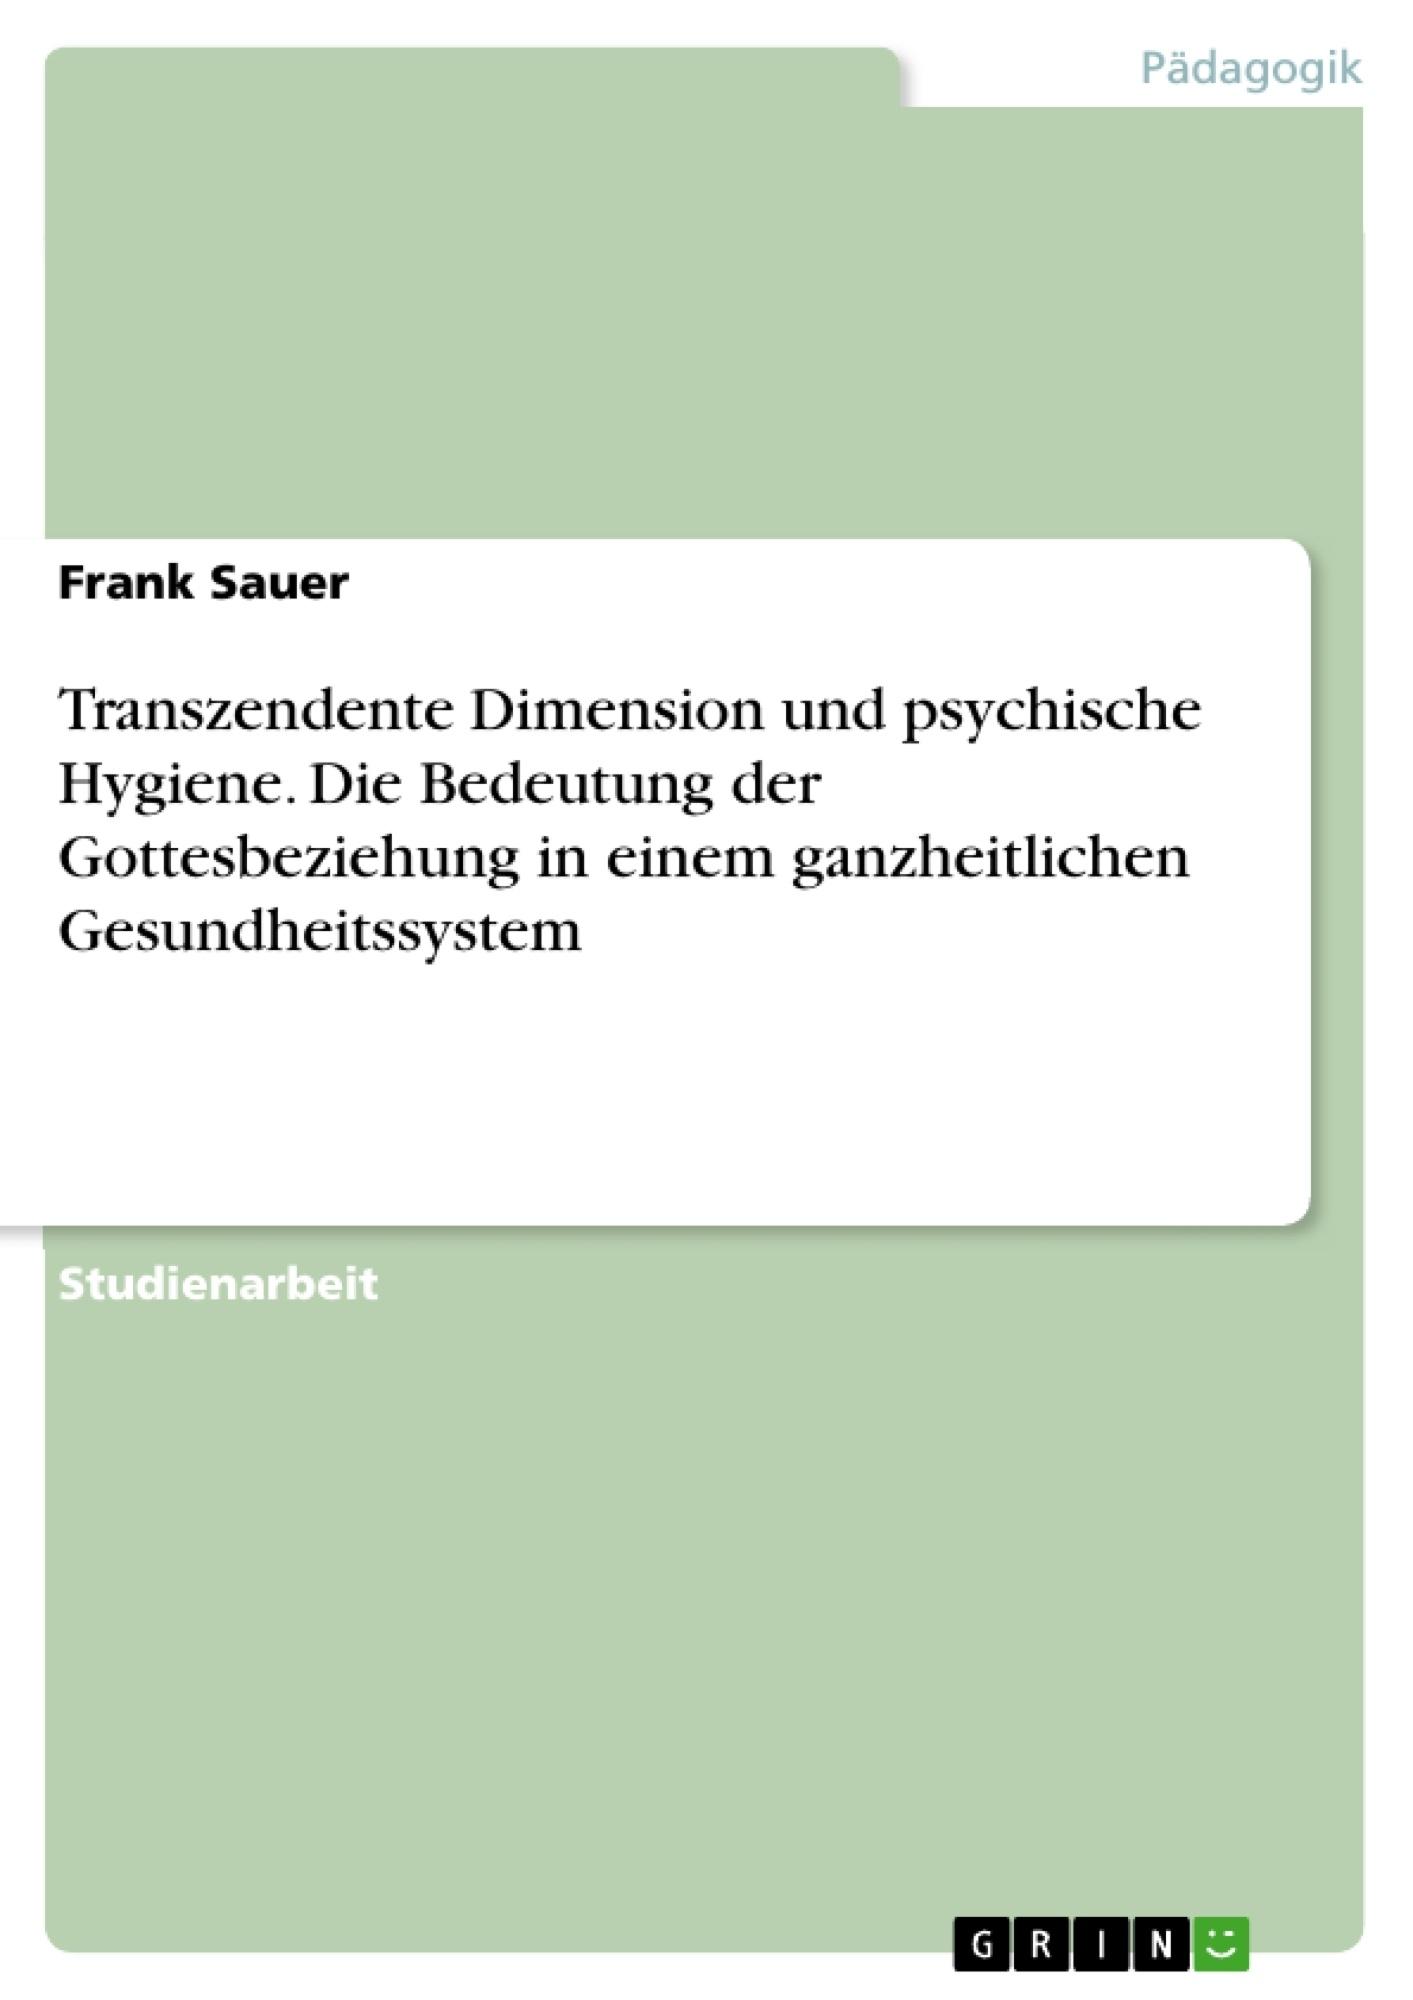 Titel: Transzendente Dimension und psychische Hygiene. Die Bedeutung der Gottesbeziehung in einem ganzheitlichen Gesundheitssystem